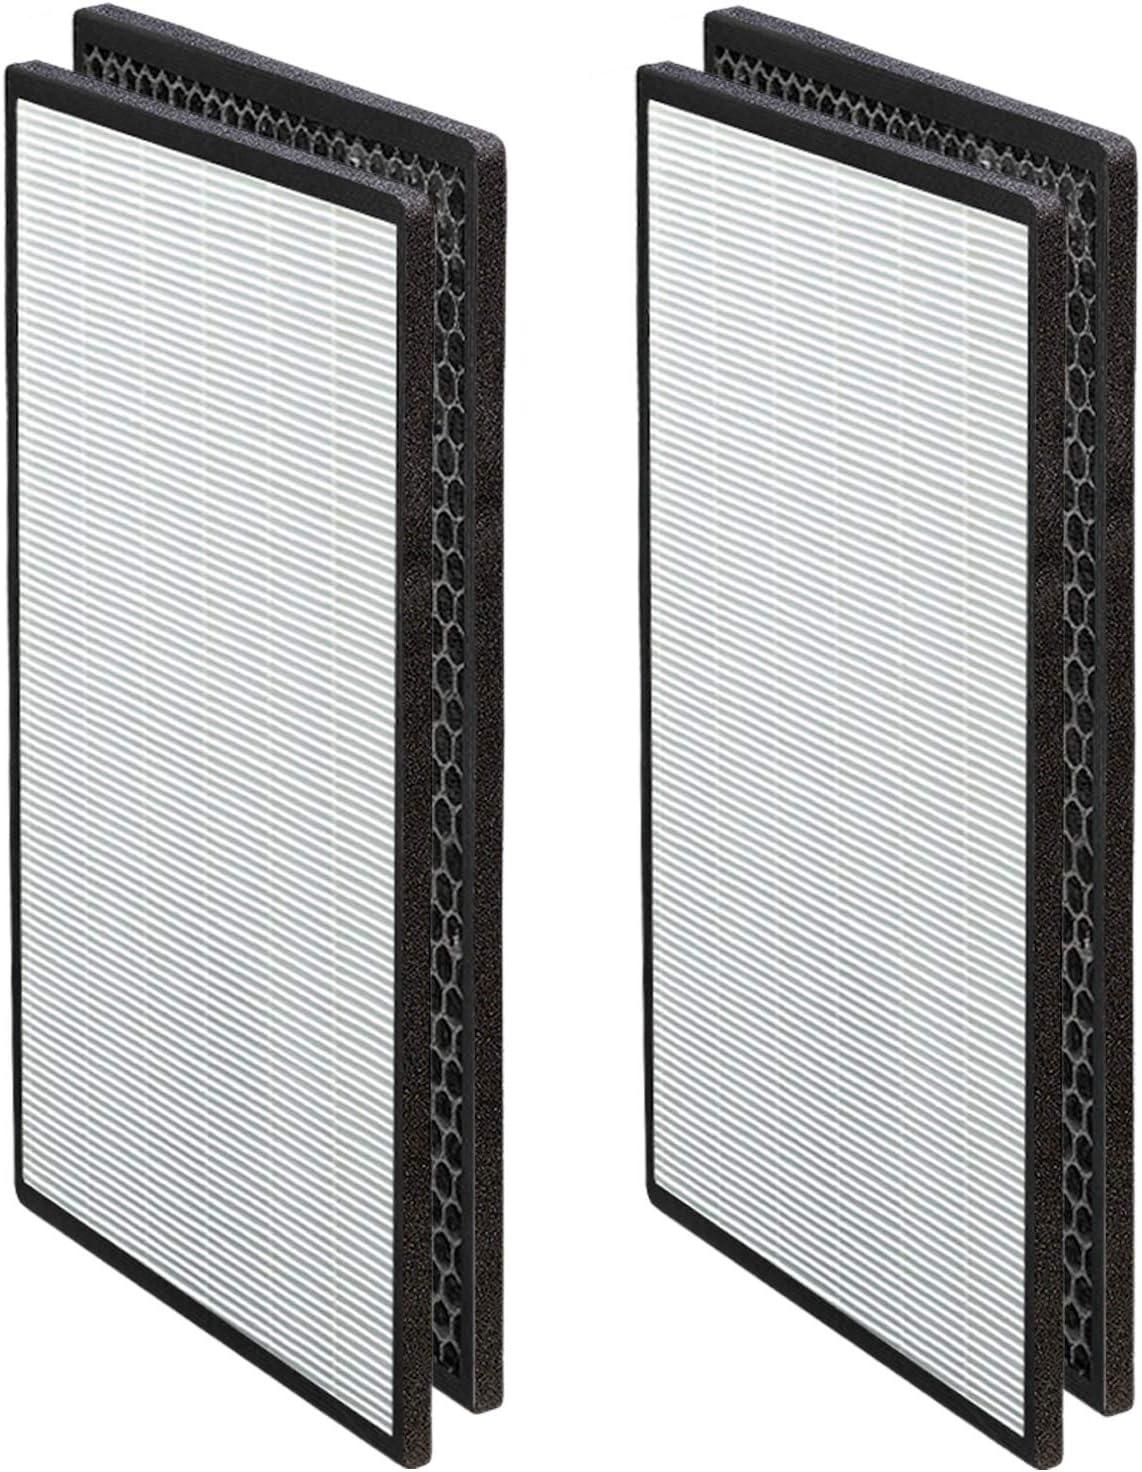 Pro Breeze HEPA Air Purifier Filter, Replacement Filter (x2) - 3-in-1 Filter for PB-P06 Air Purifier HEPA 13 (PB-P06F)